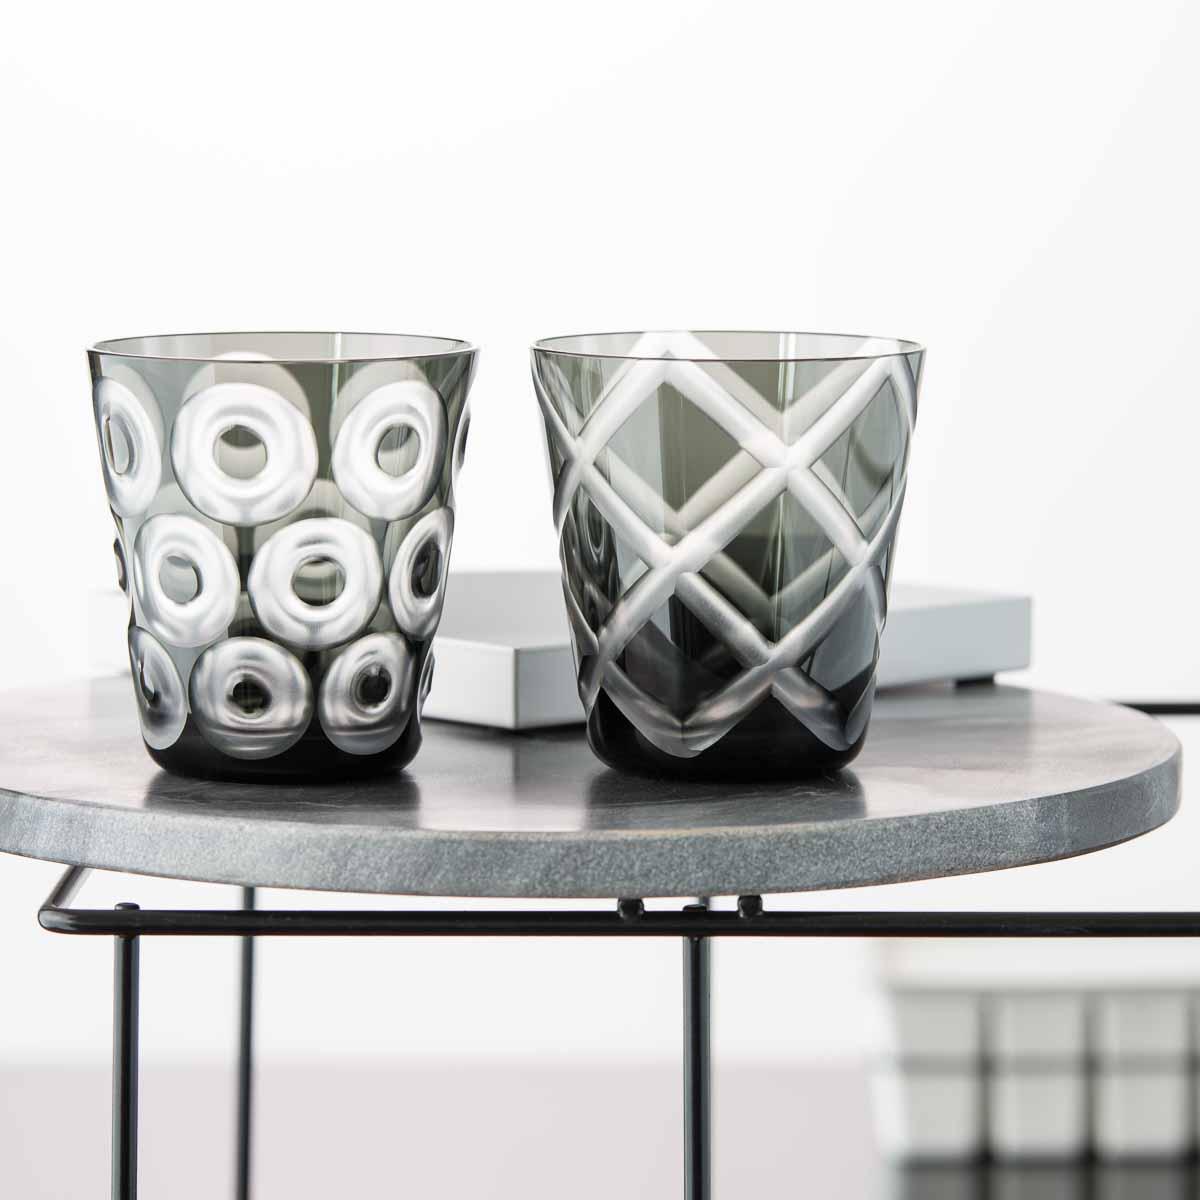 Sidste nye Rotter Glas bei Glasklar in Charlottenburg - Berlin | CREME GUIDES SK-73